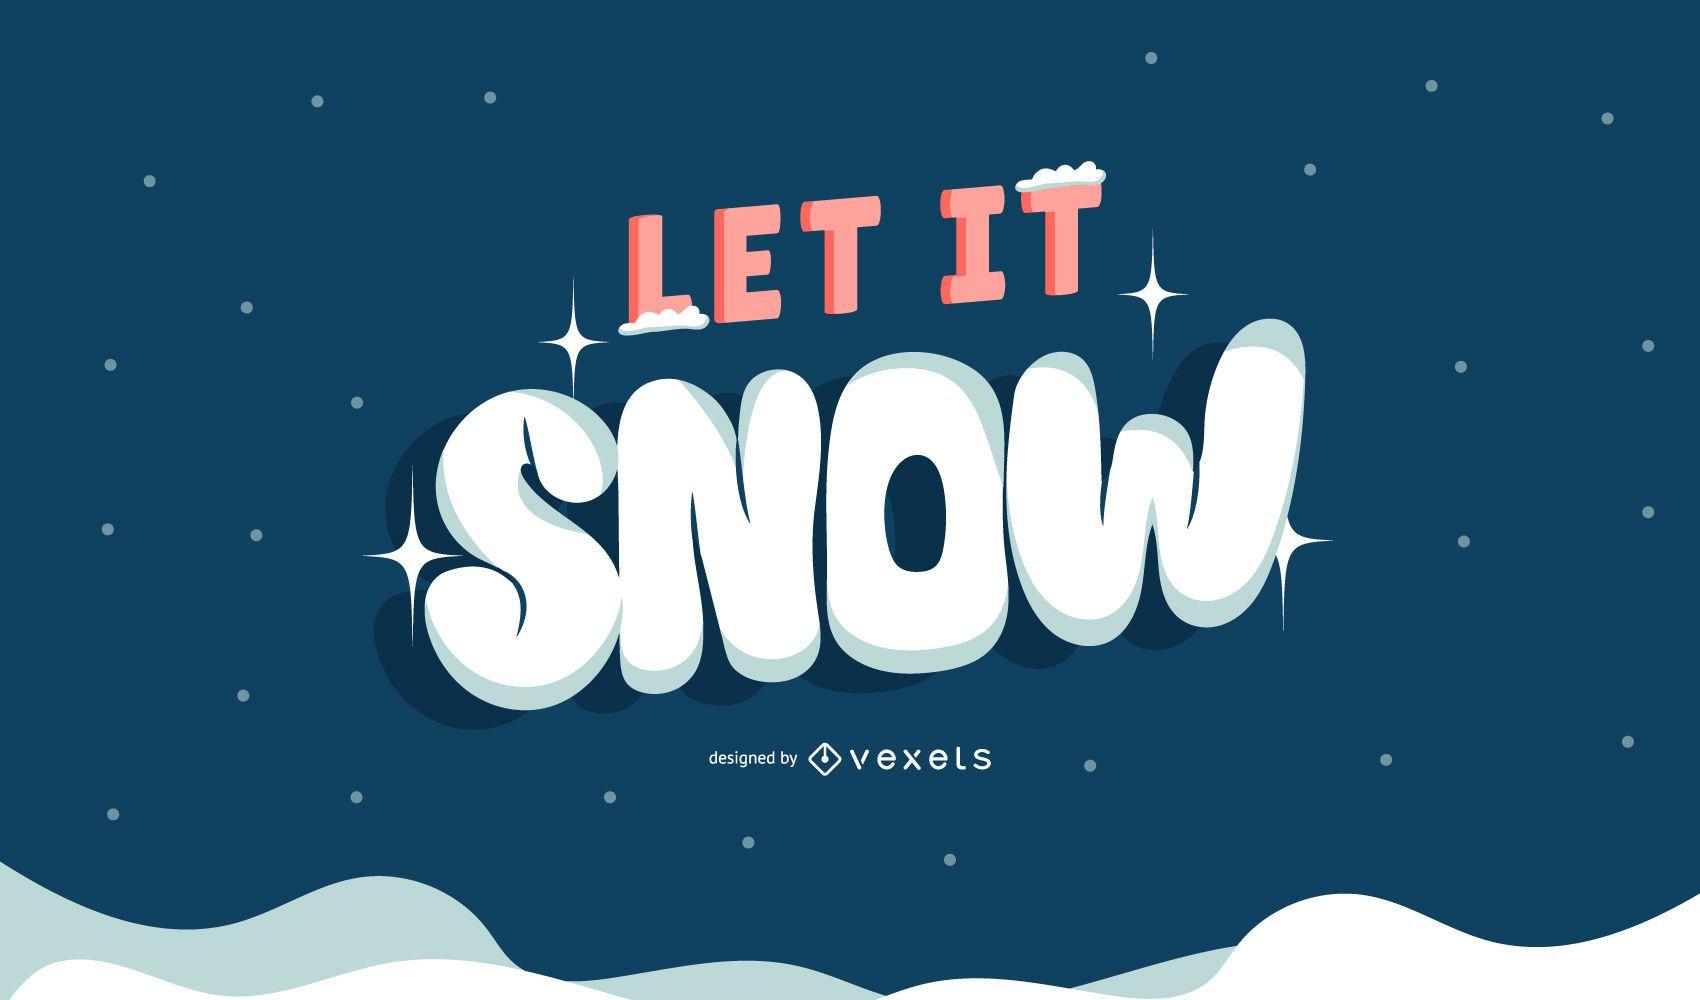 Let it snow lettering design